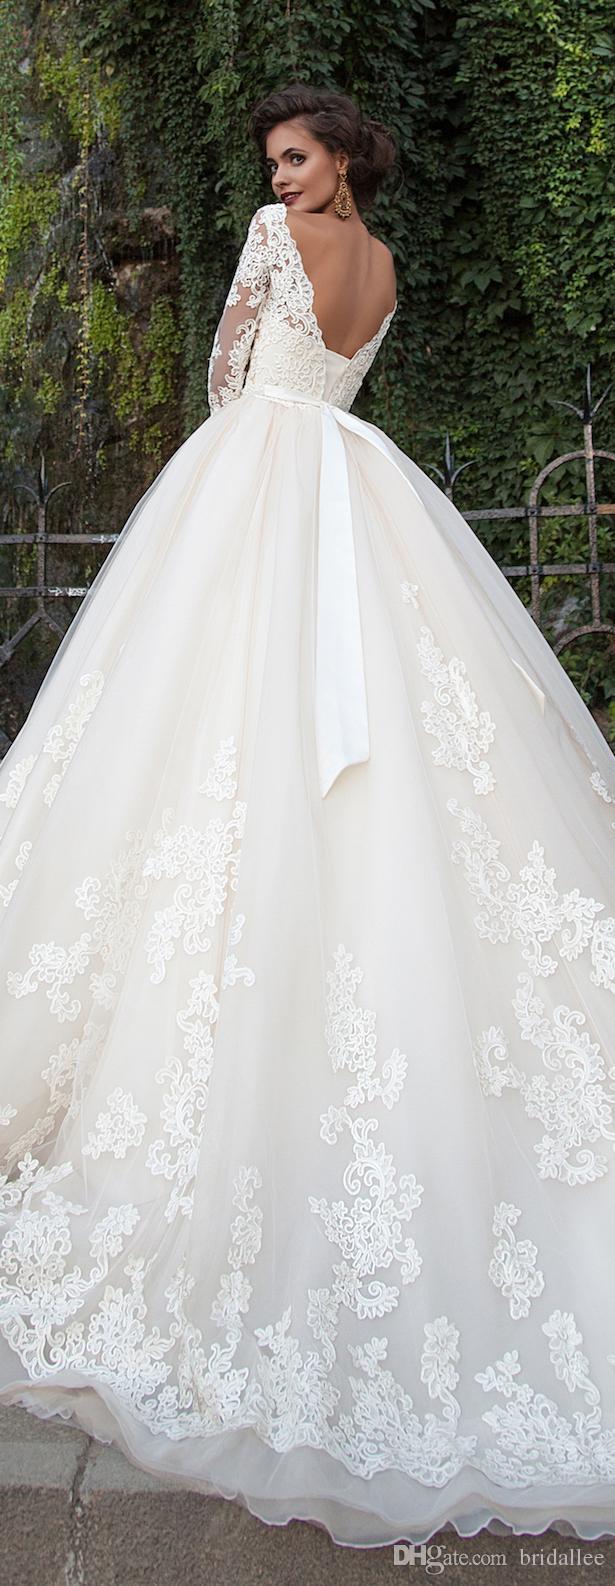 Vestido de noiva Cepillo festoneado Tren Vestidos de novia Apliques de gasa Vestidos de novia Manga larga A Line robe de mariage